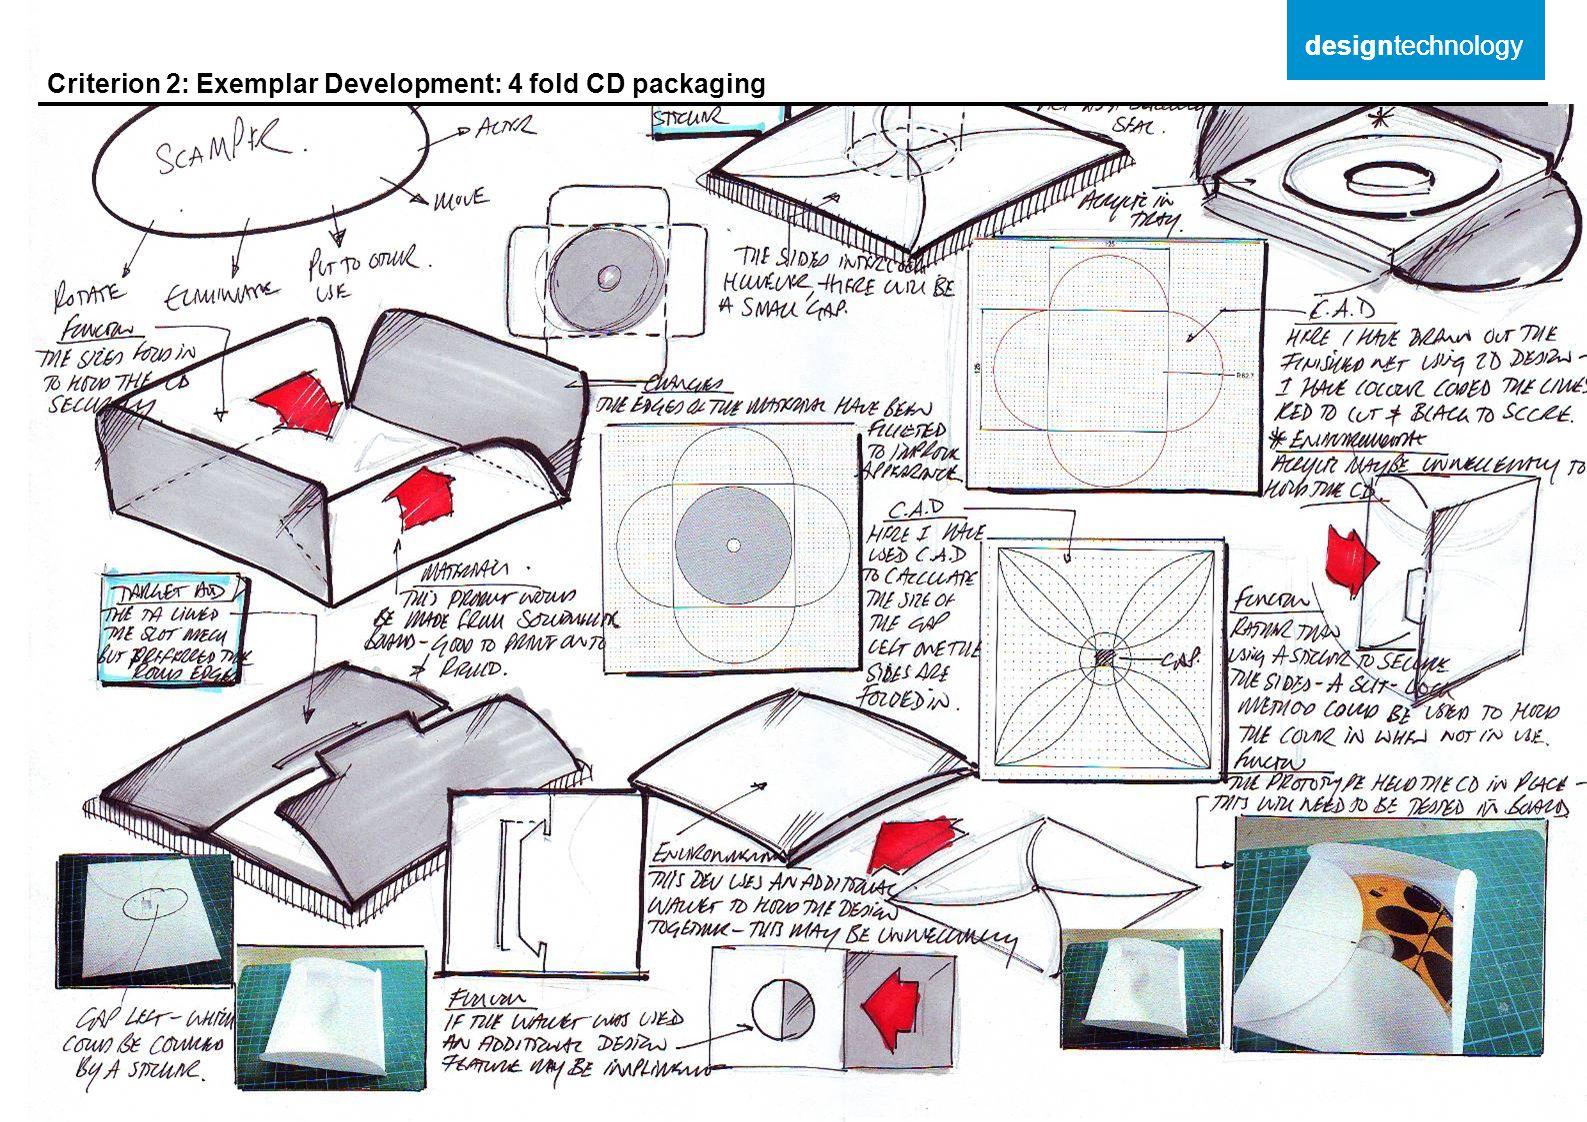 designtechnology designtechnology Criterion 2: Exemplar Development: 4 fold CD packaging